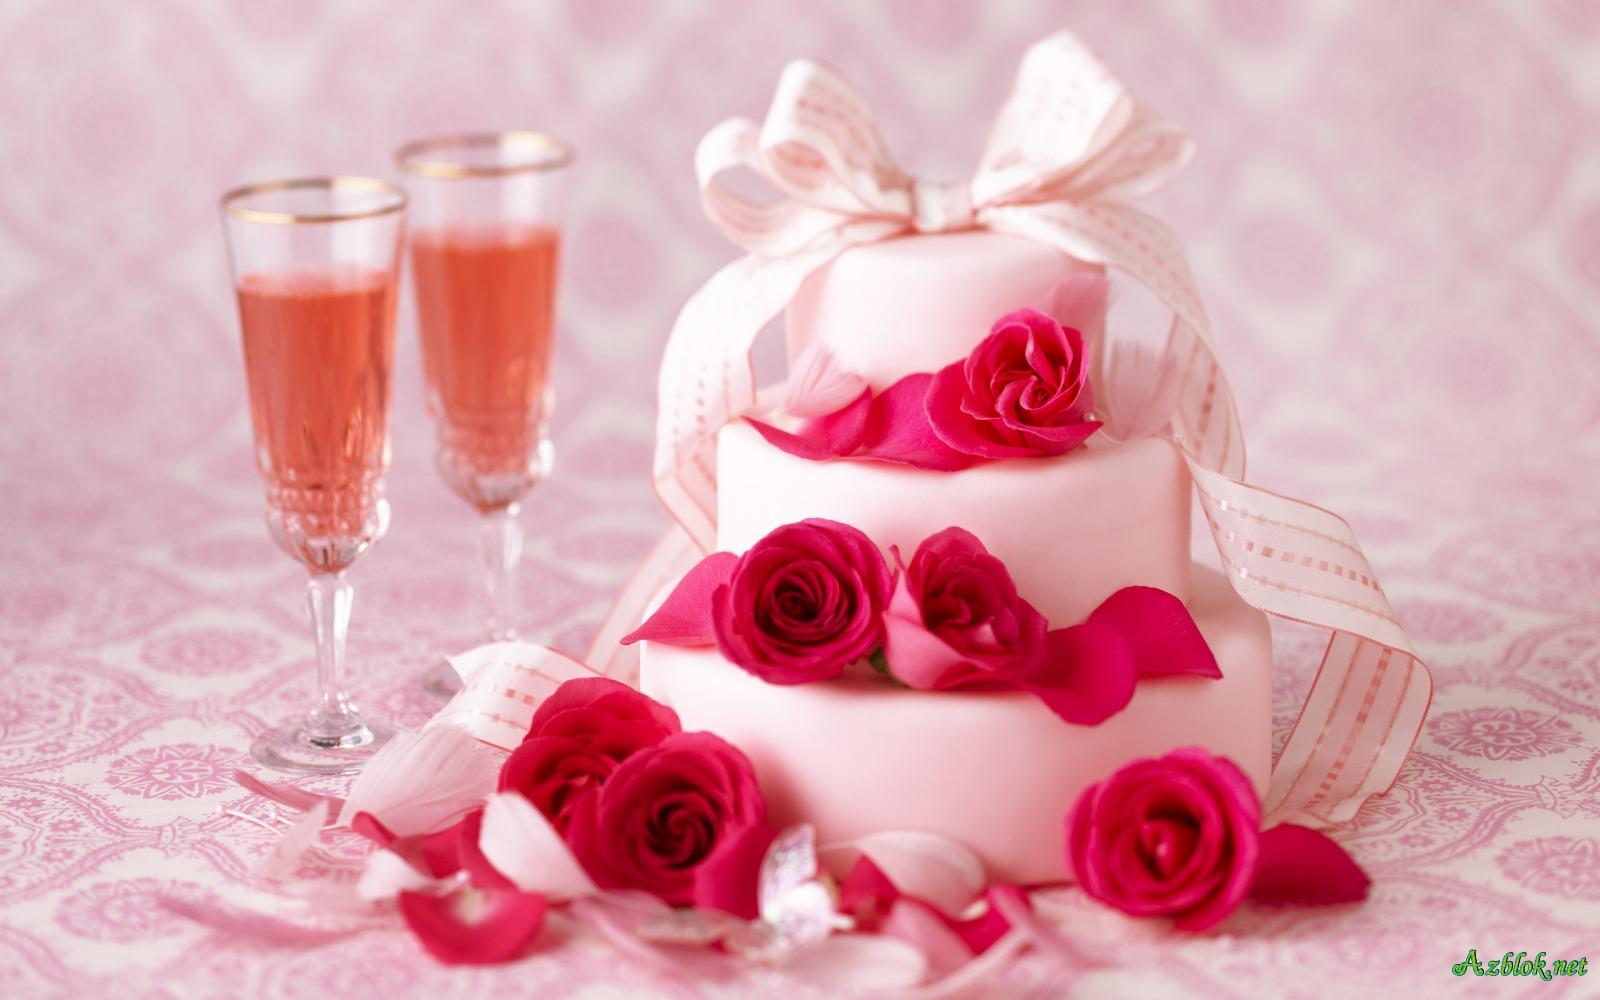 торт с розами и шампанским, скачать фото, обои для рабочего стола